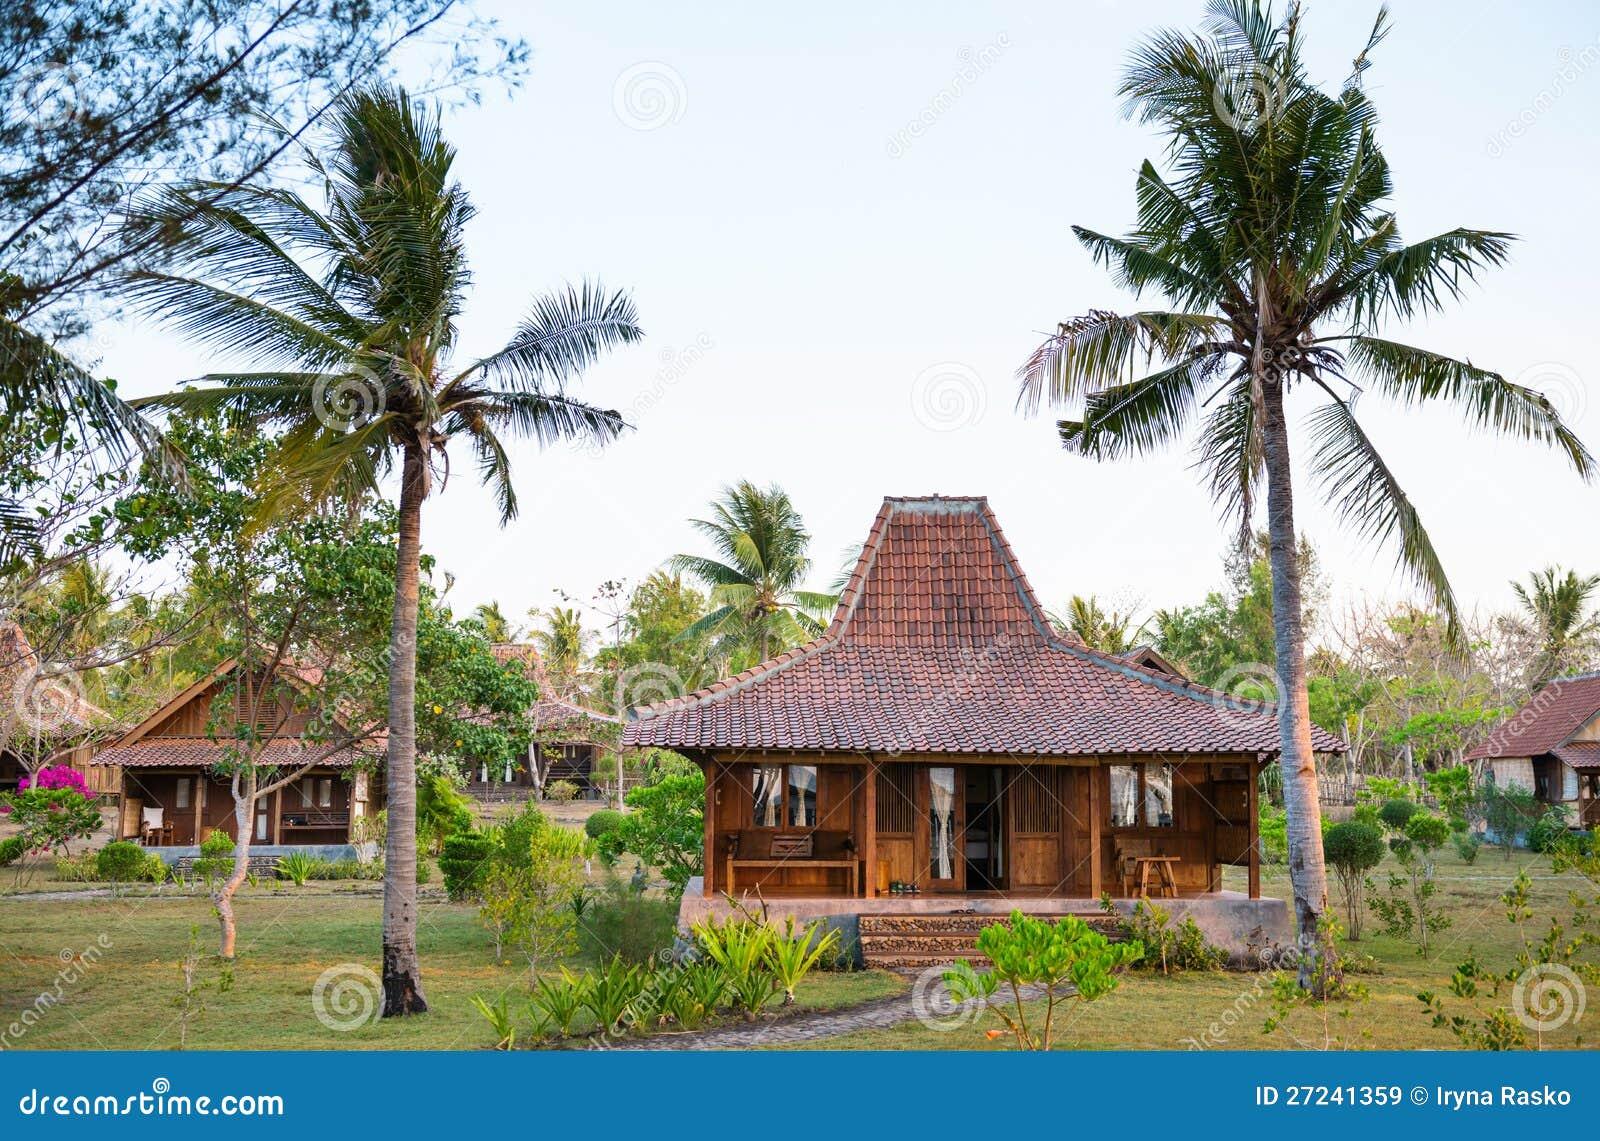 Trähus i tropiskt klimat